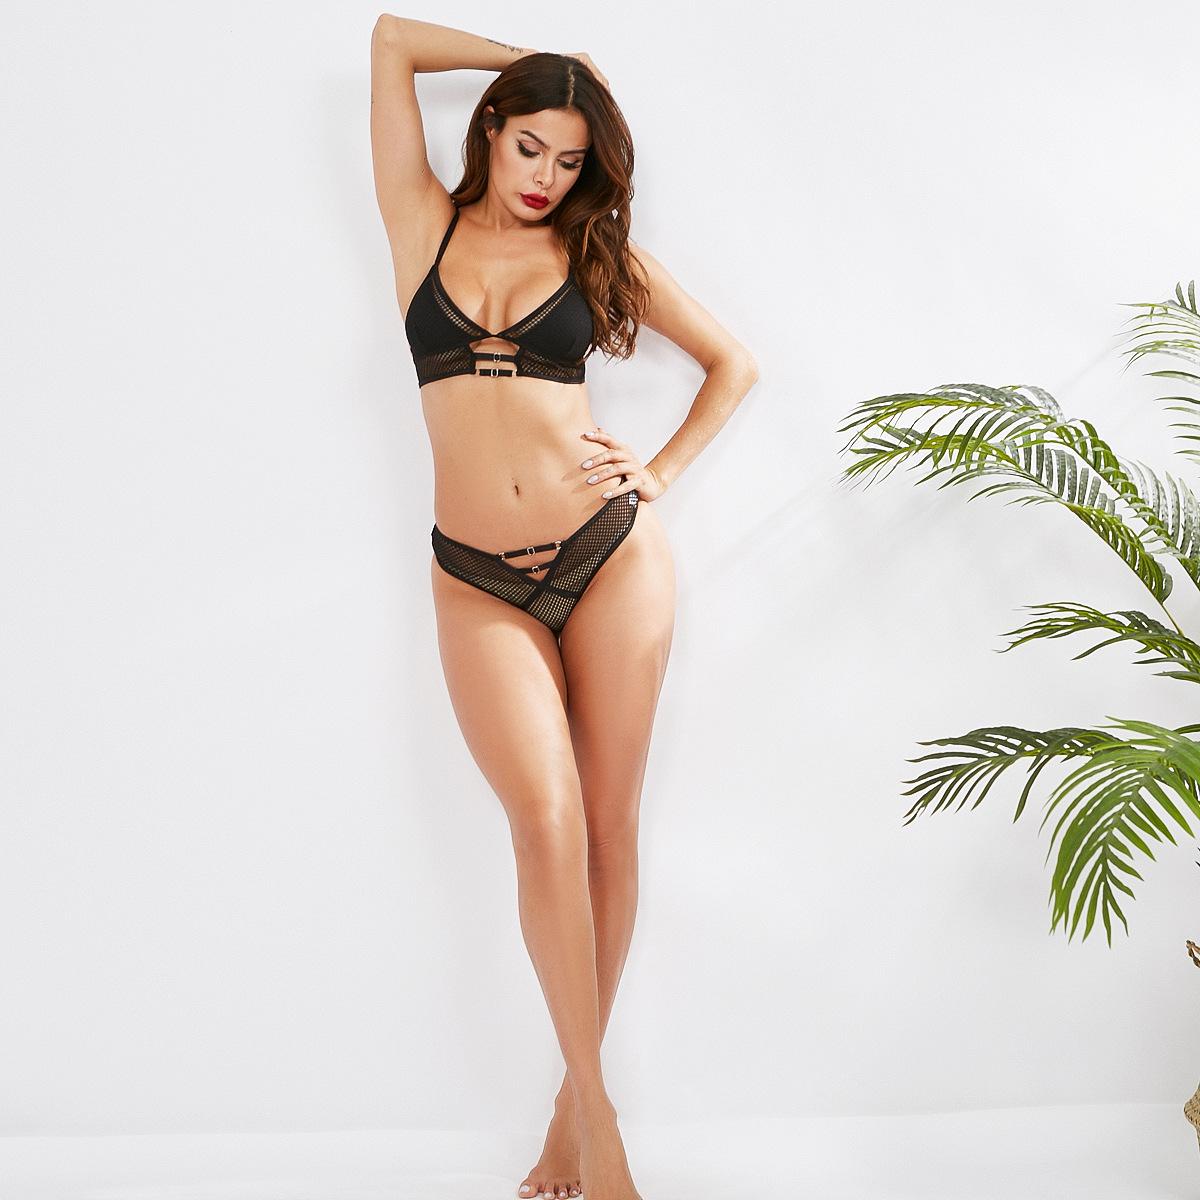 Cina Commercio All'ingrosso Della Biancheria Delle Donne Hot Sexy Set Reggiseno Slip Signore Lingerie Set